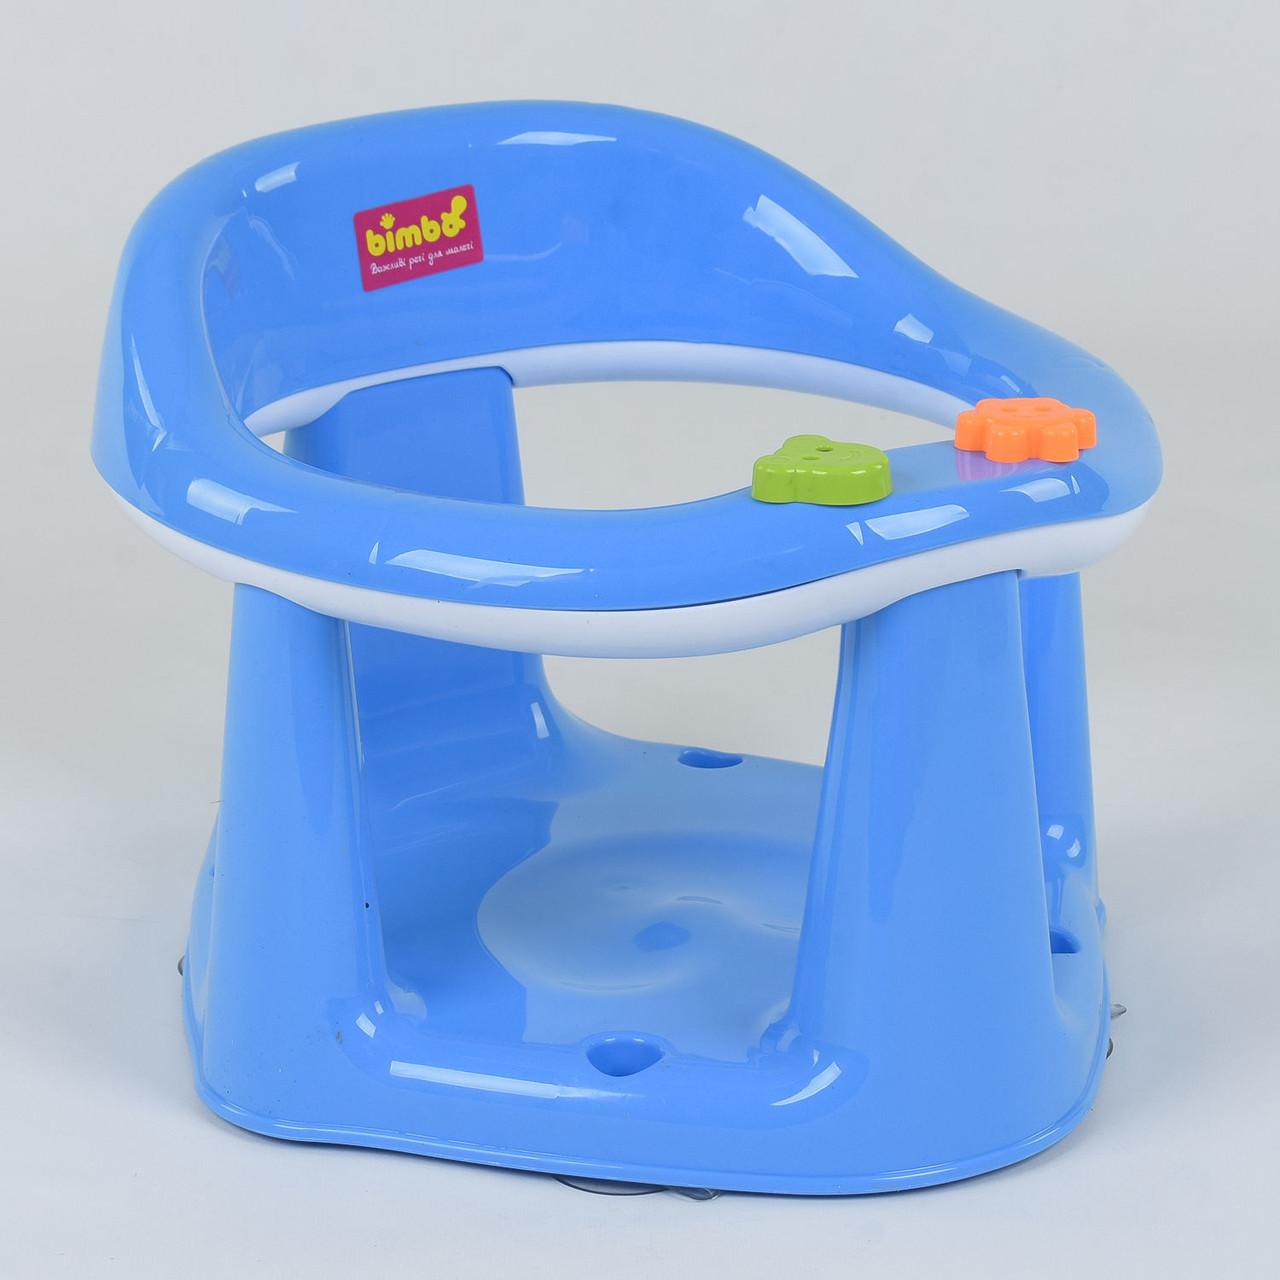 Детское сиденье для купания на присосках BM-50305 Blue Гарантия качества Быстрая доставка